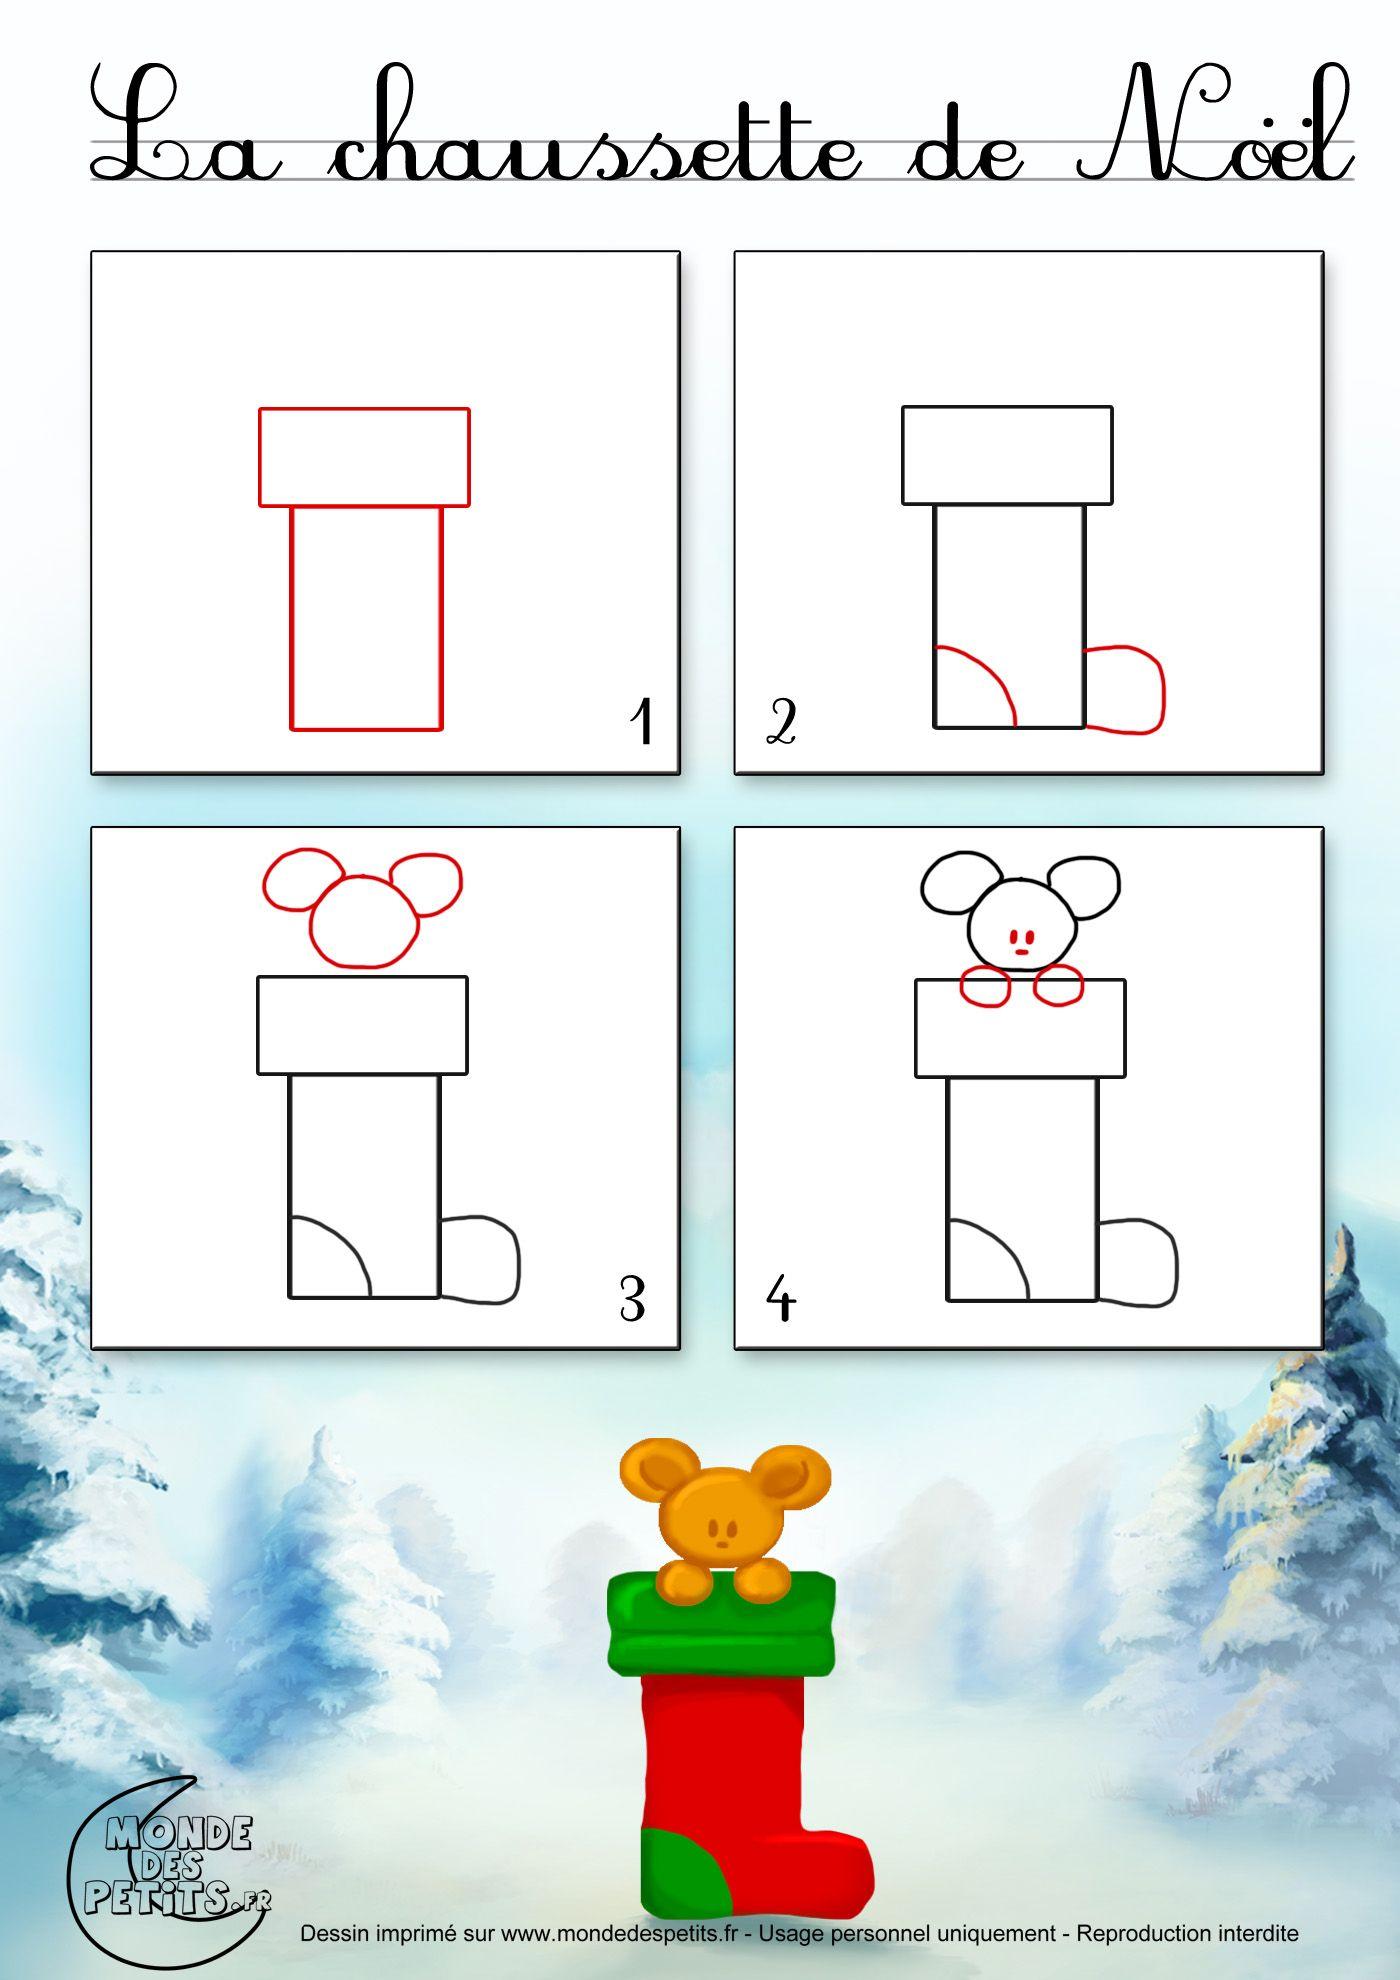 Dessin2 comment dessiner une chaussette de no l dessiner pinterest dessin dessin noel - Comment dessiner un pere noel facilement ...